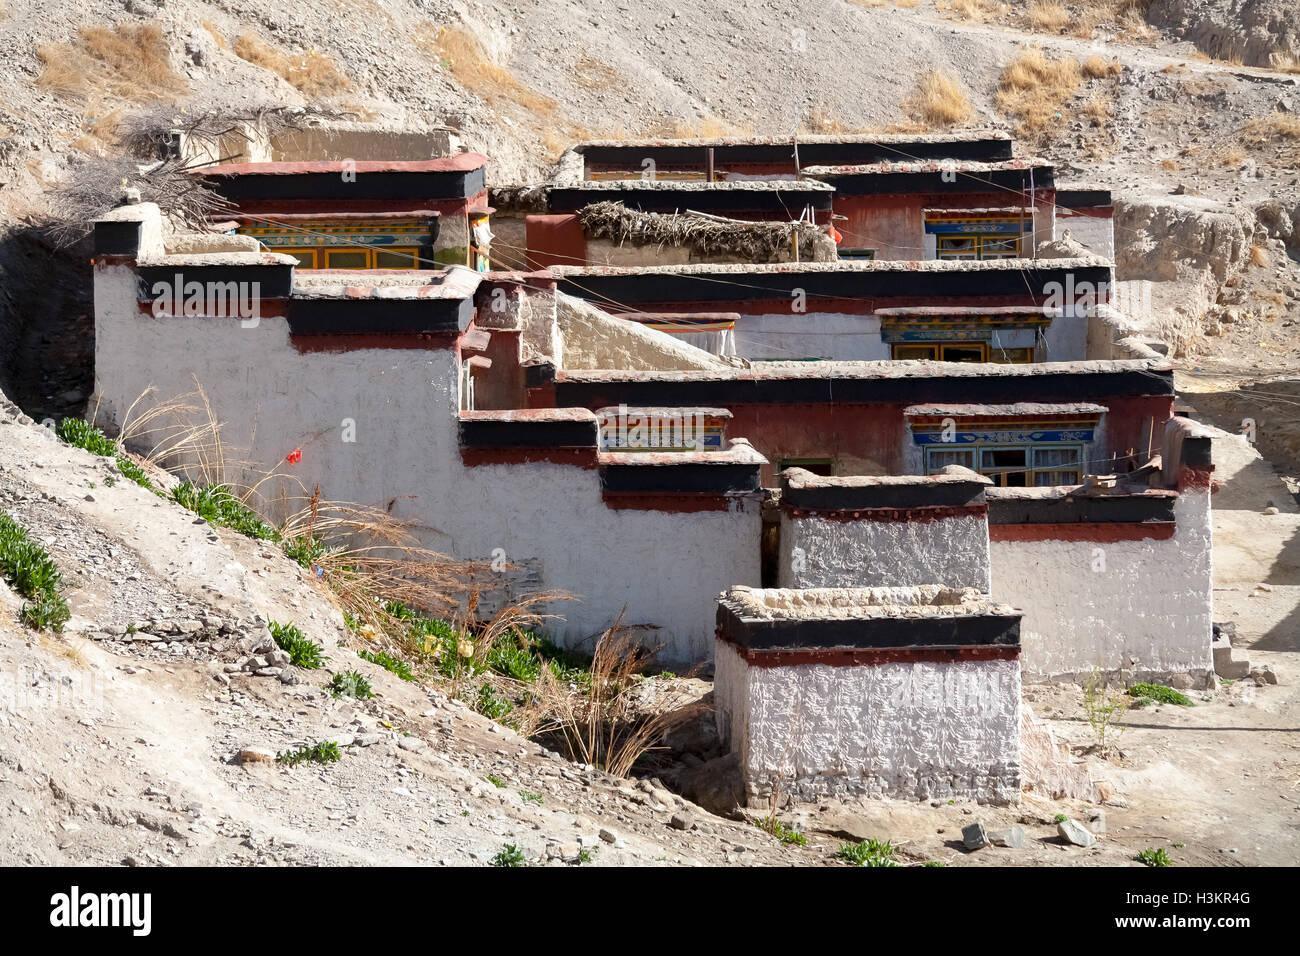 Gyangtse, Tibet - Stock Image